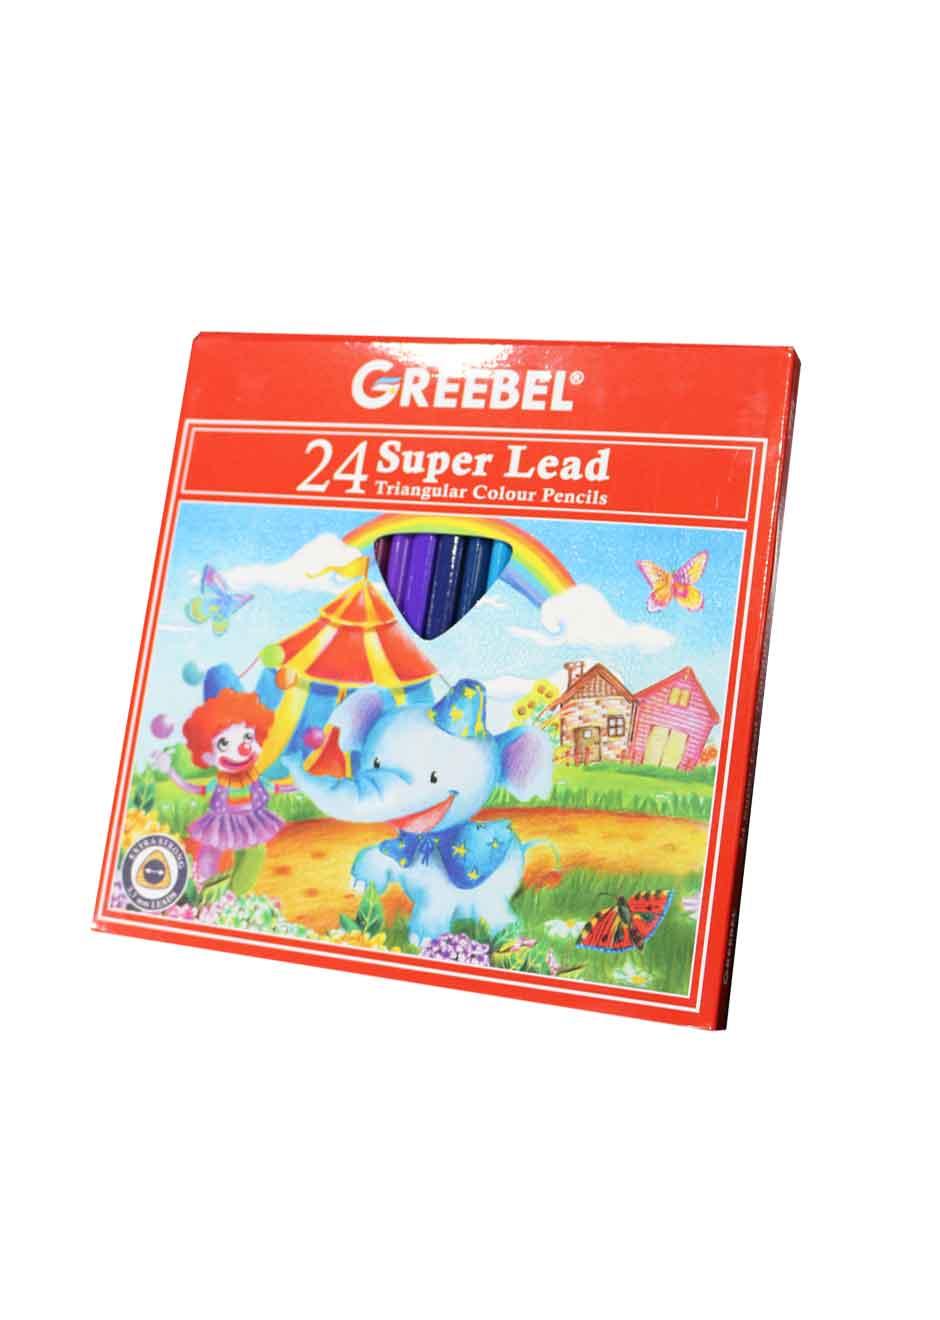 greebel-color-pencil-24